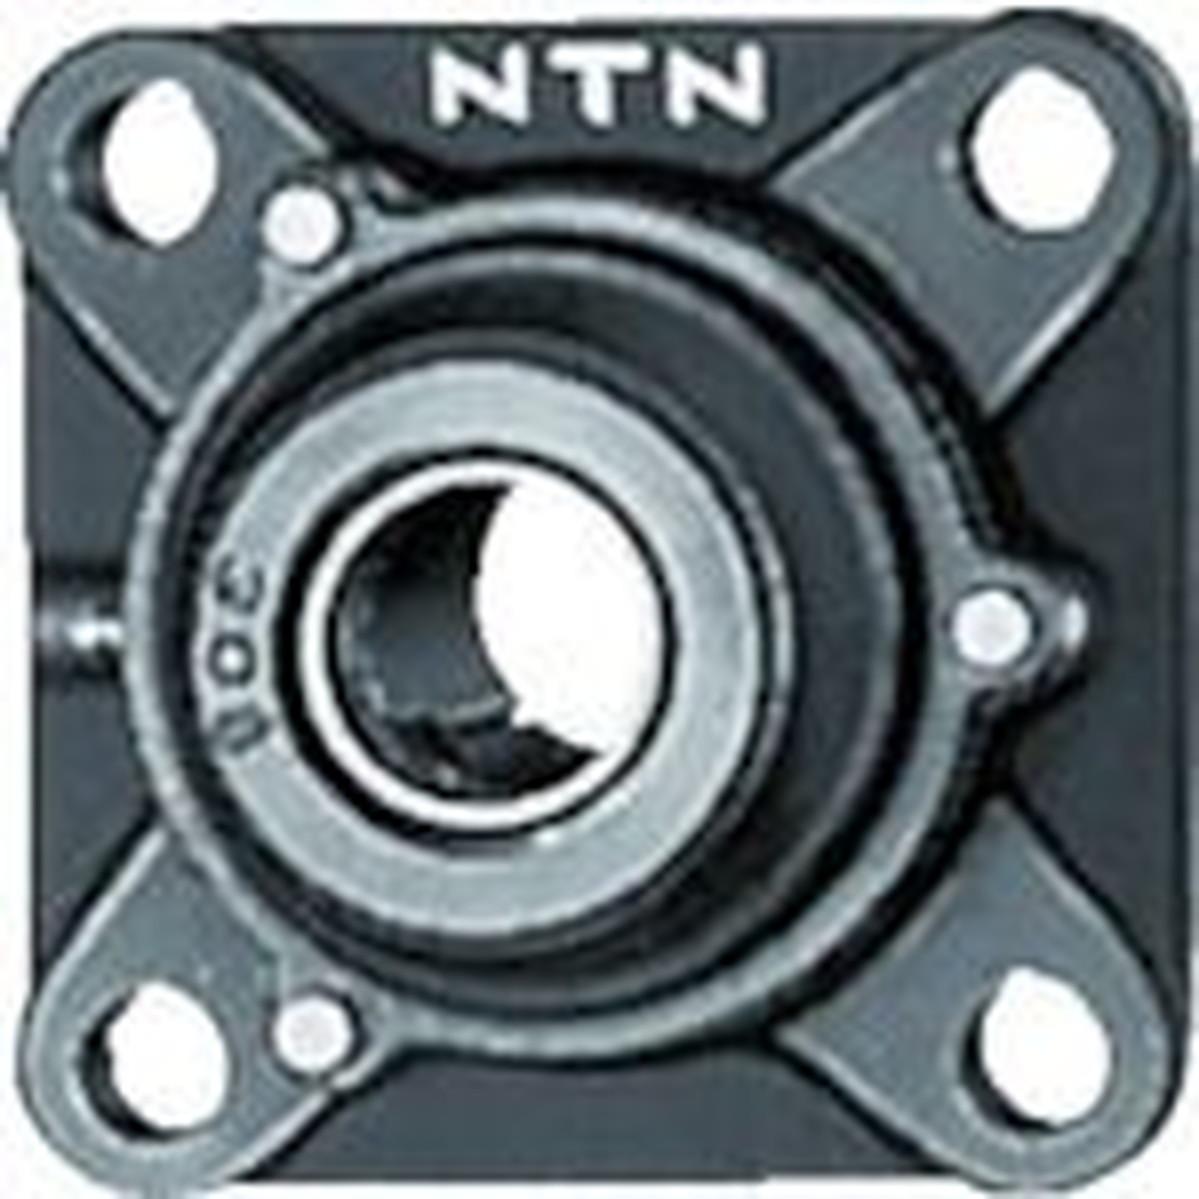 【正規品】 NTN 1個 軸受ユニット(円筒穴形、止めねじ式) 軸径130mm内輪径130mm全長410mm 1個, フランスワイン専門WELL GRAND CRU:b81d8cf6 --- risesuper30.in